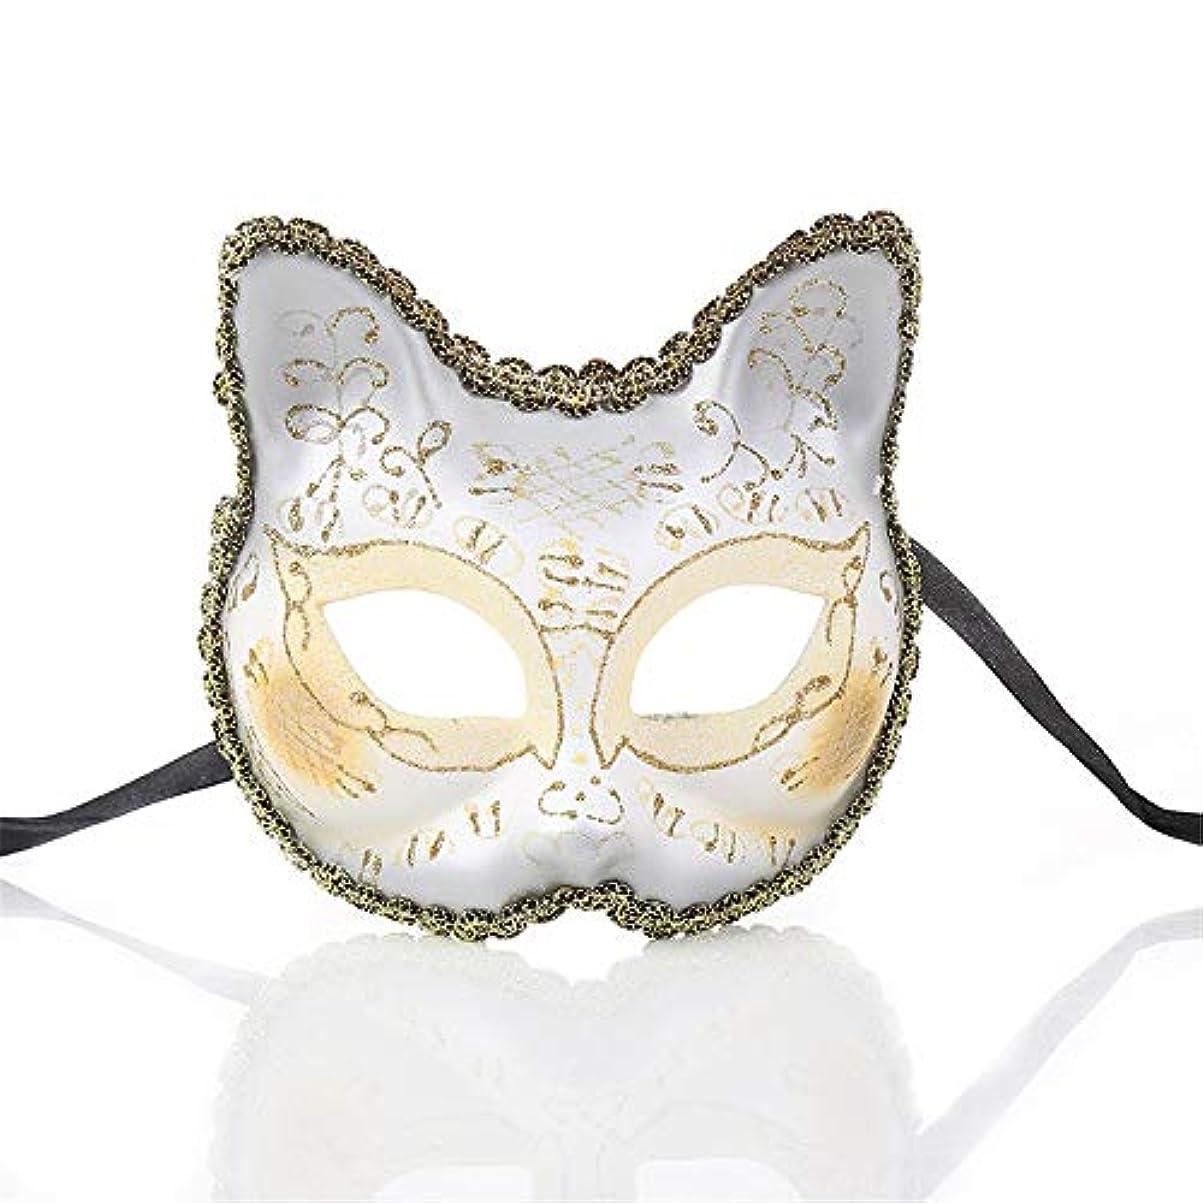 しかしながらスキャンボードダンスマスク ワイルドマスカレードロールプレイングパーティーの小道具ナイトクラブのマスクの雰囲気クリスマスフェスティバルロールプレイングプラスチックマスク ホリデーパーティー用品 (色 : 白, サイズ : 13x13cm)